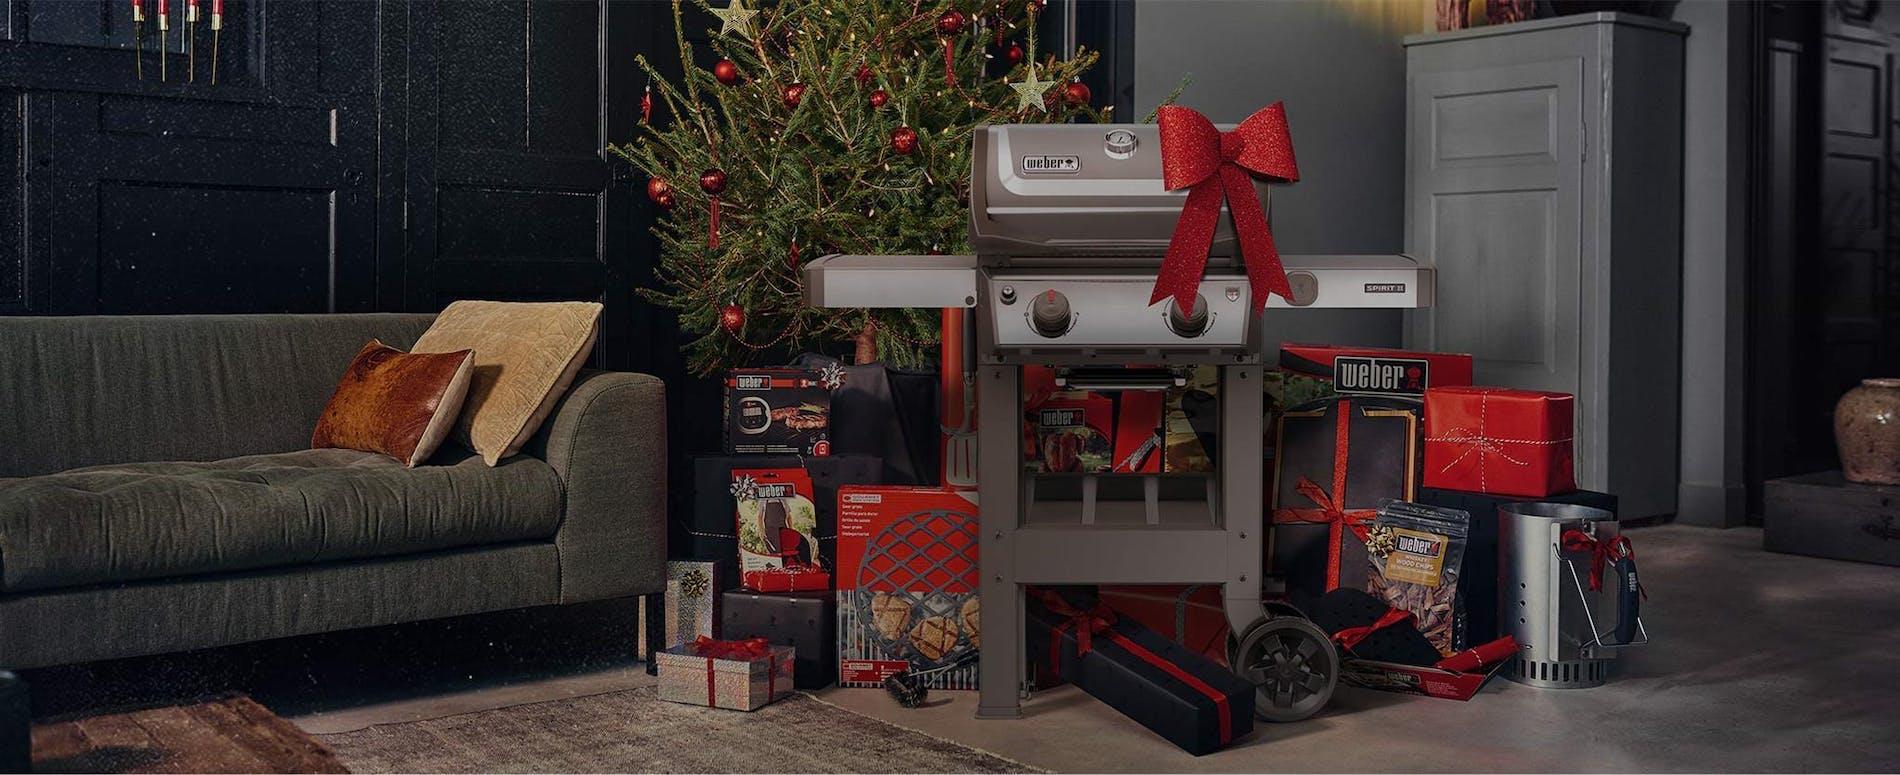 Weihnachten - Geschenkideen für Grillfans | Weber